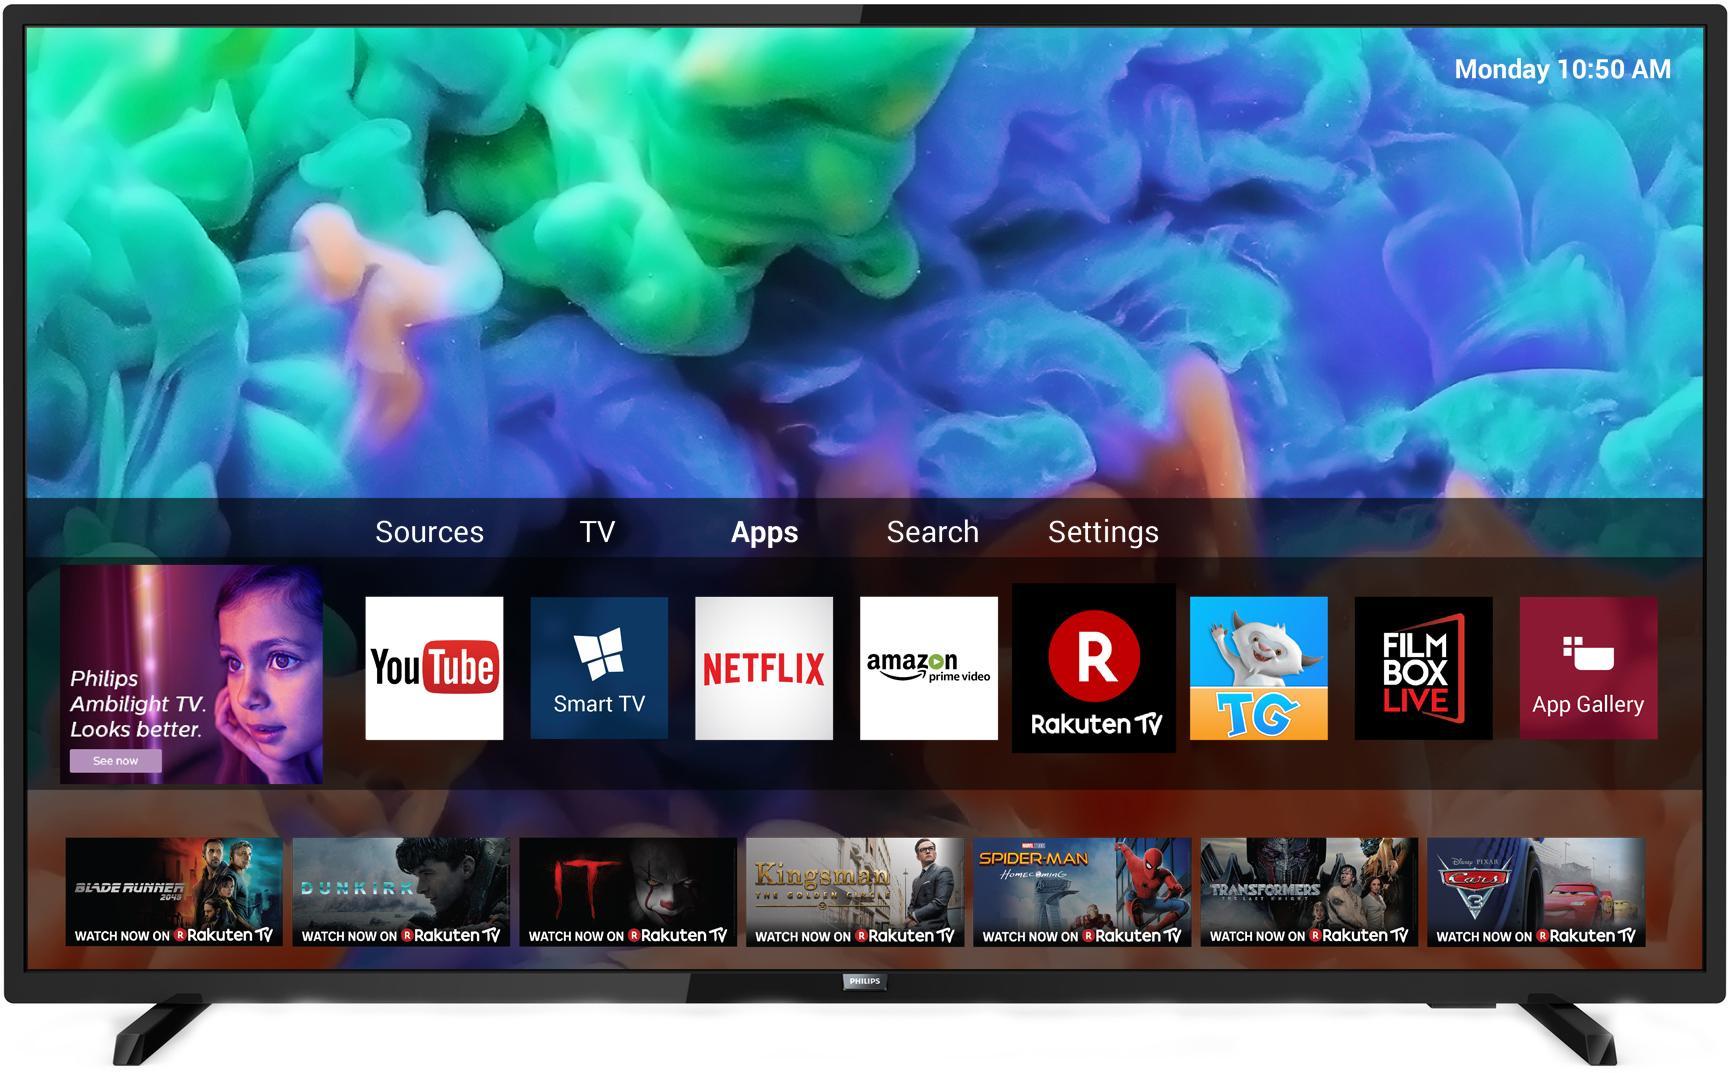 Какое разрешение у телевизора 4K, и сколько это пикселей?